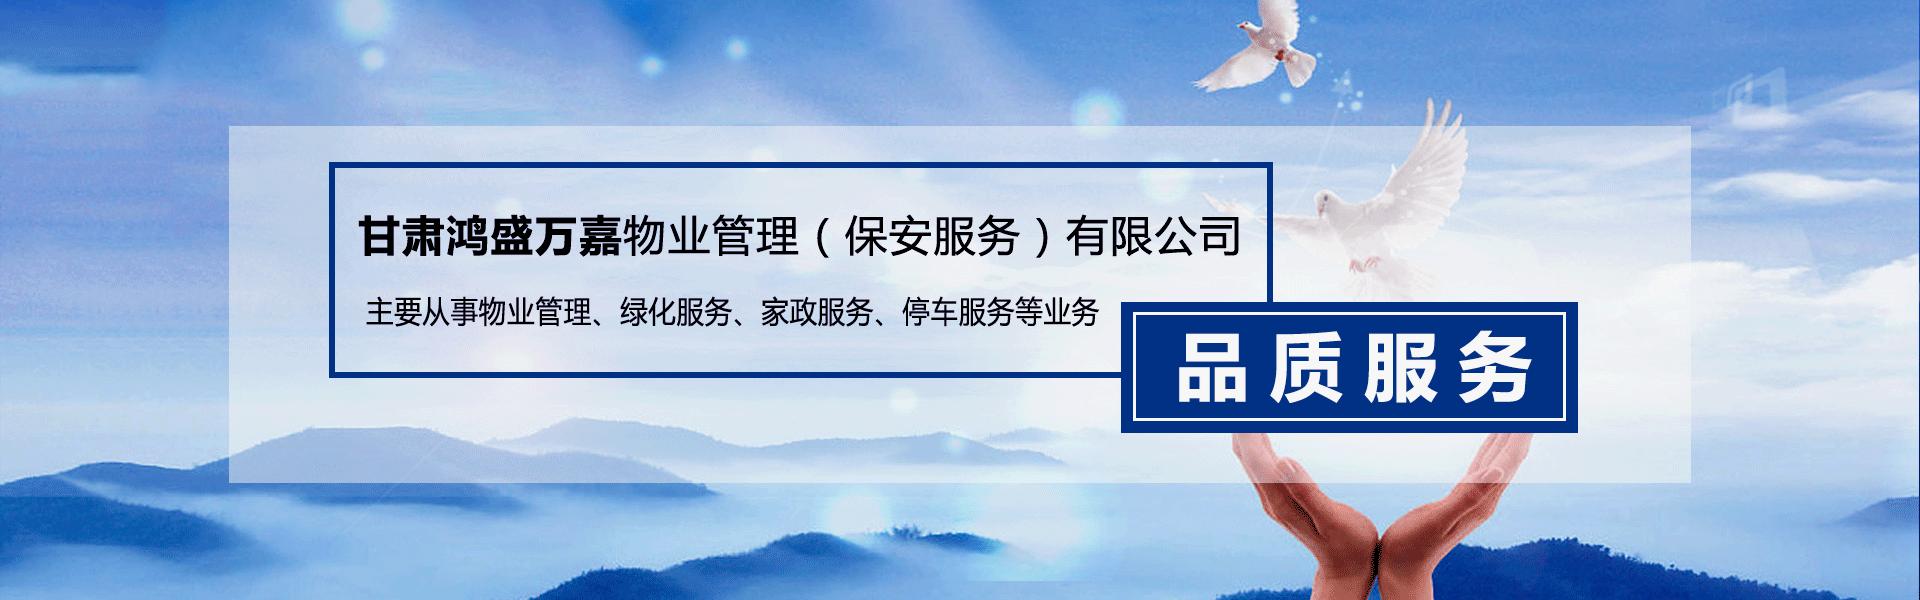 万博官网app苹果版下载物业万博体育app手机下载